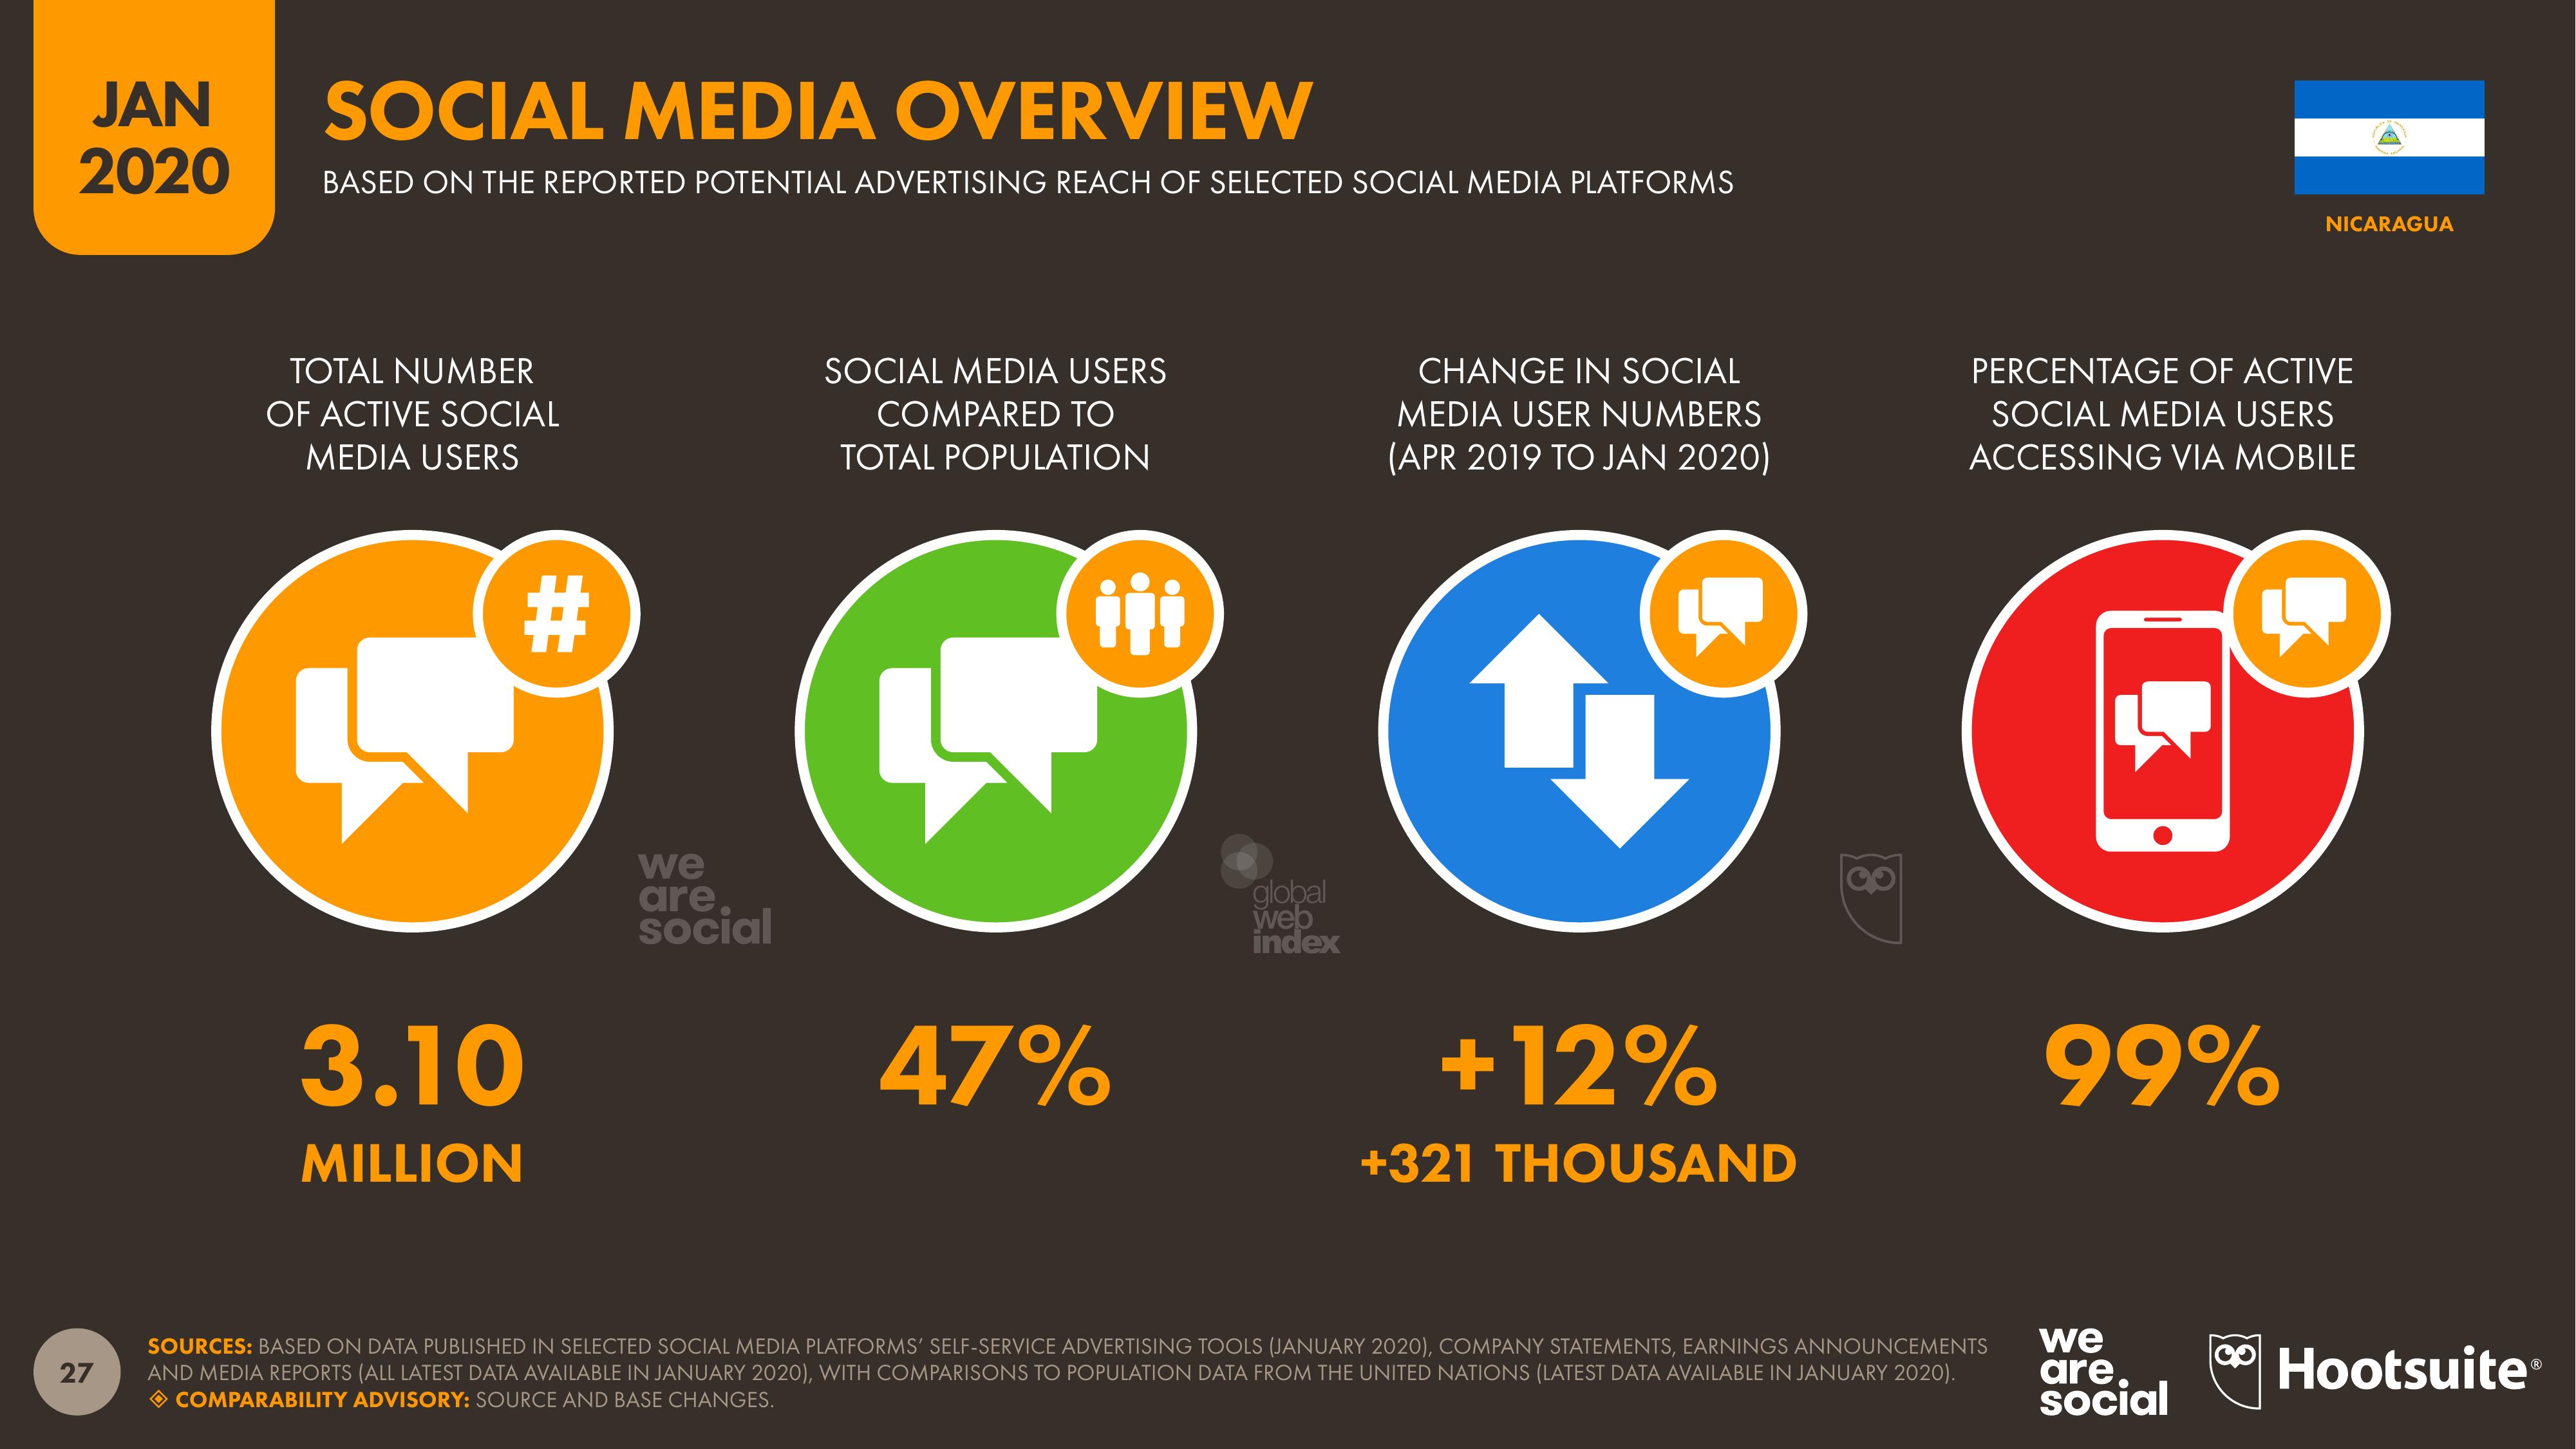 Basado en los reportes acerca de la publicidad en plataformas sociales